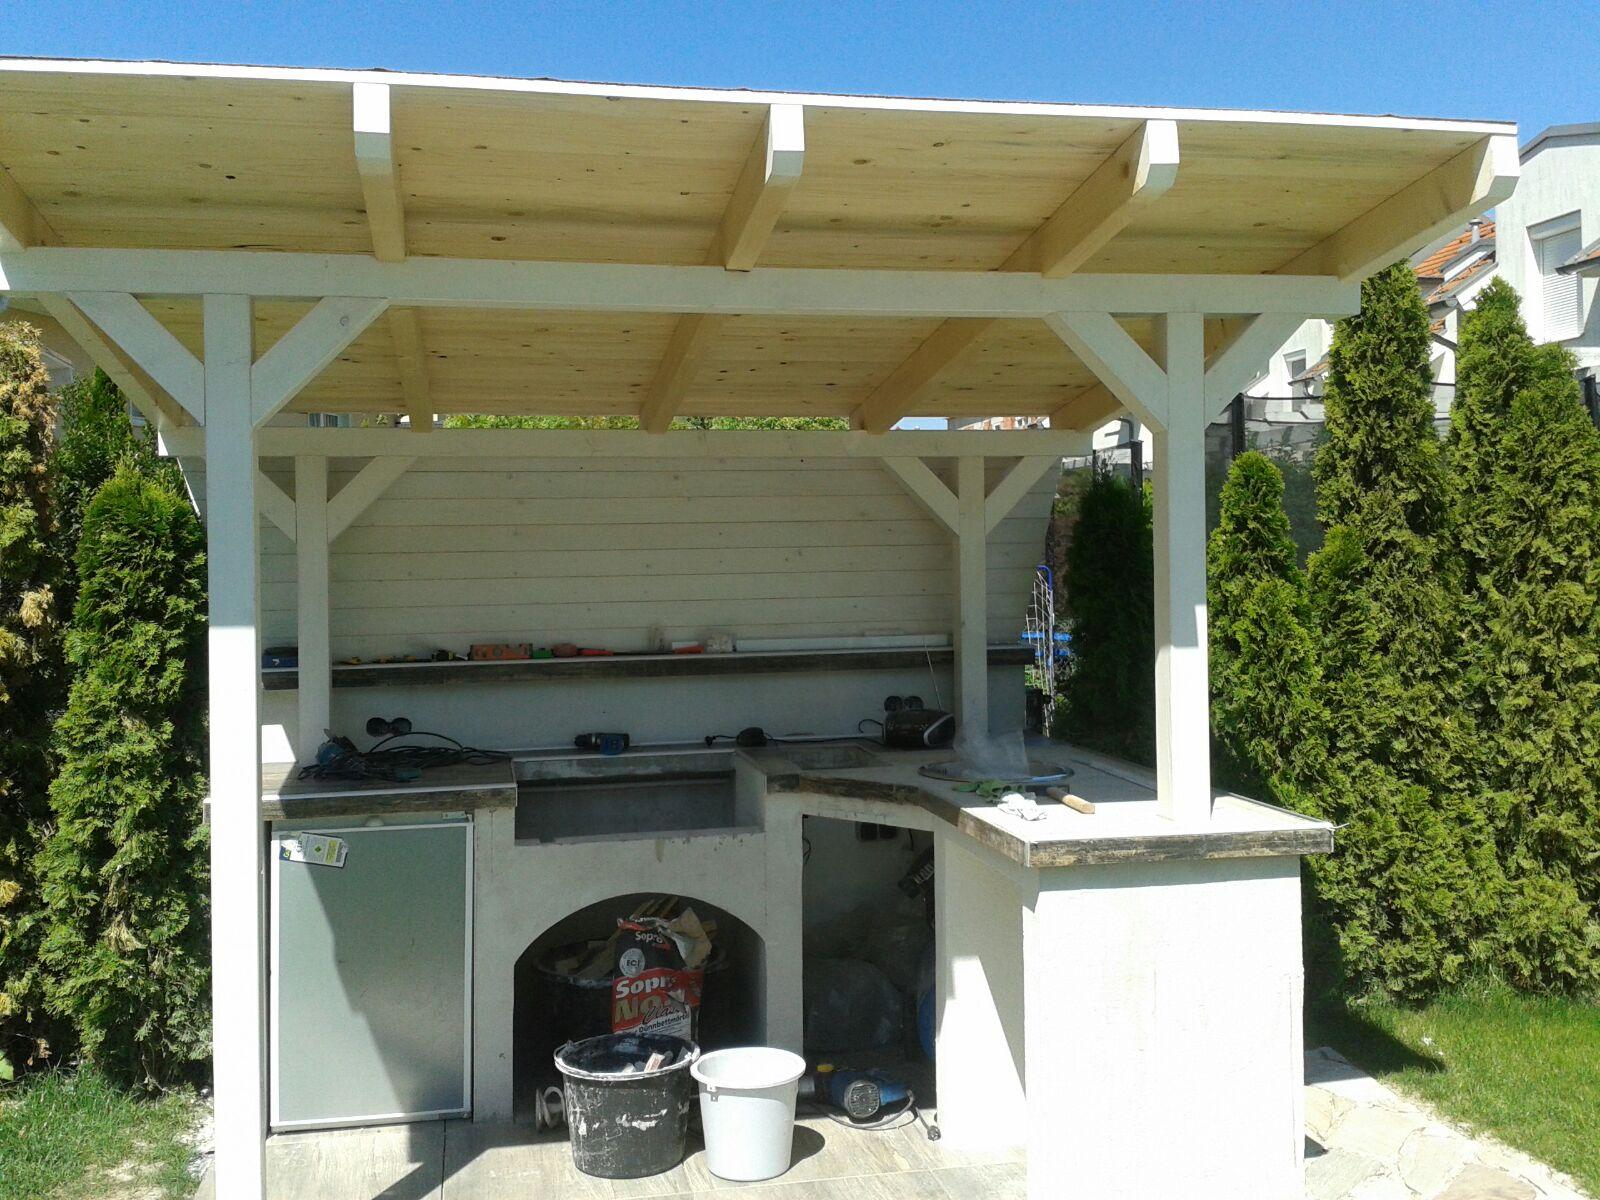 Outdoor Küche Grillsportverein : Outdoor küche eigenbau grillforum und bbq grillsportverein